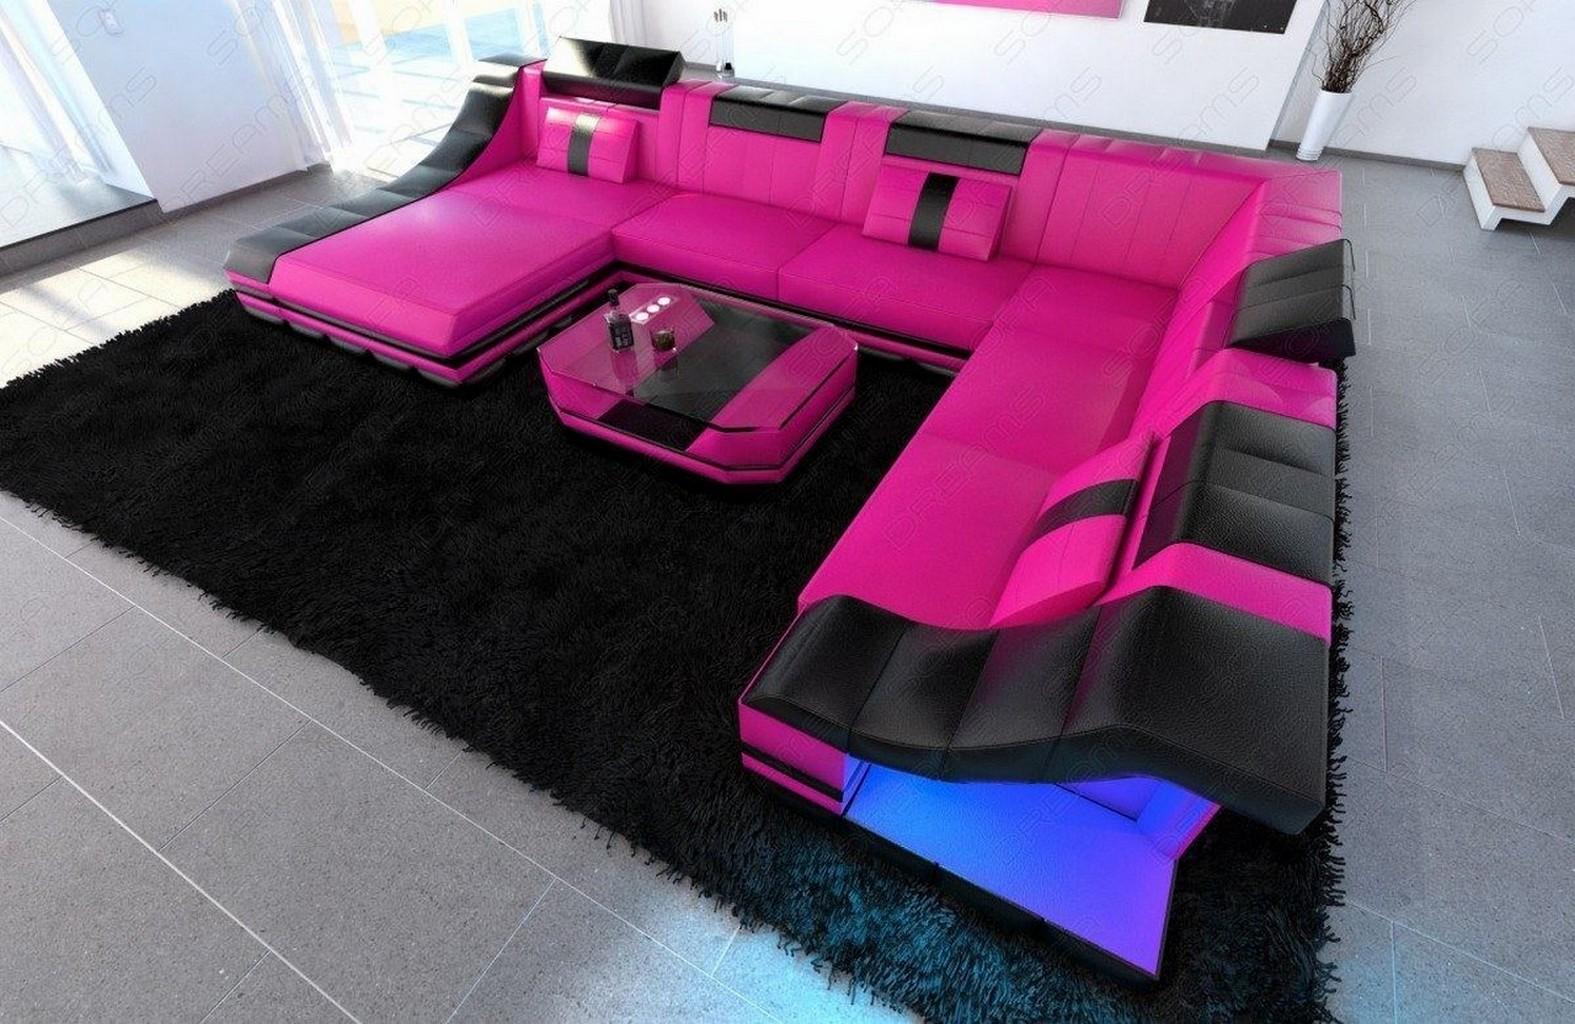 xxl sofa mit beleuchtung xxl big sofa miami megasofa mit. Black Bedroom Furniture Sets. Home Design Ideas